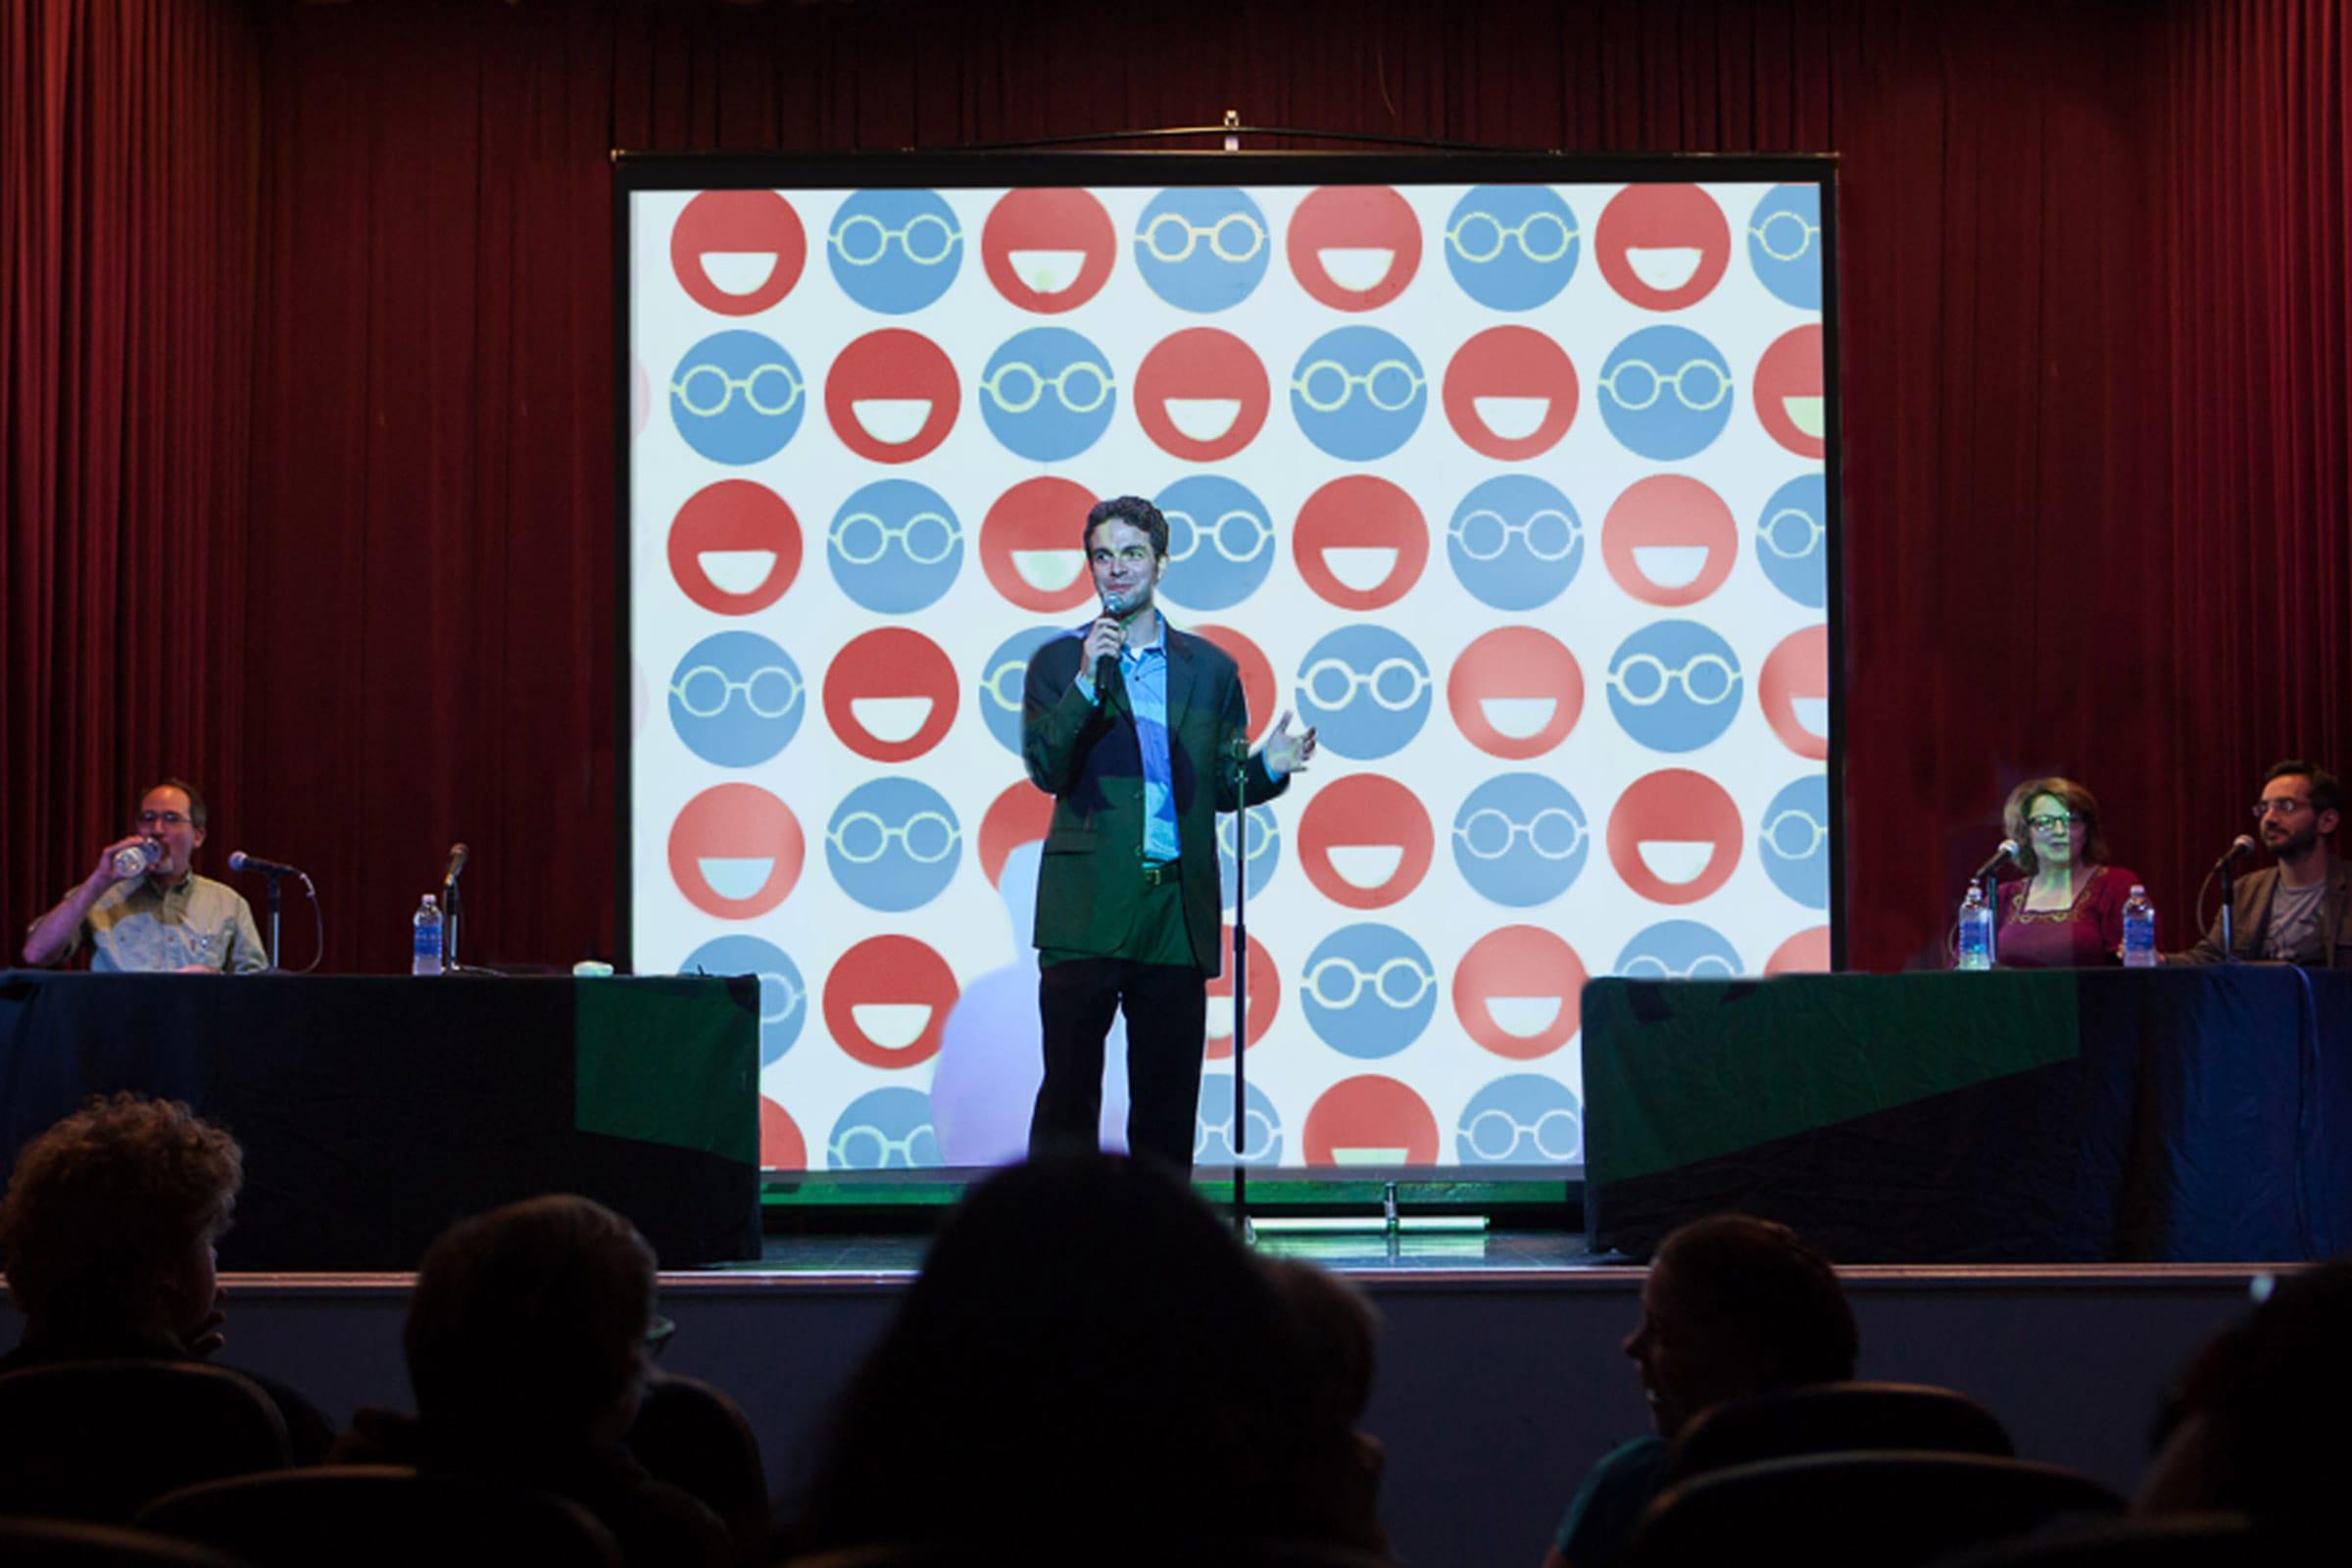 comedy, app, pattern, speech